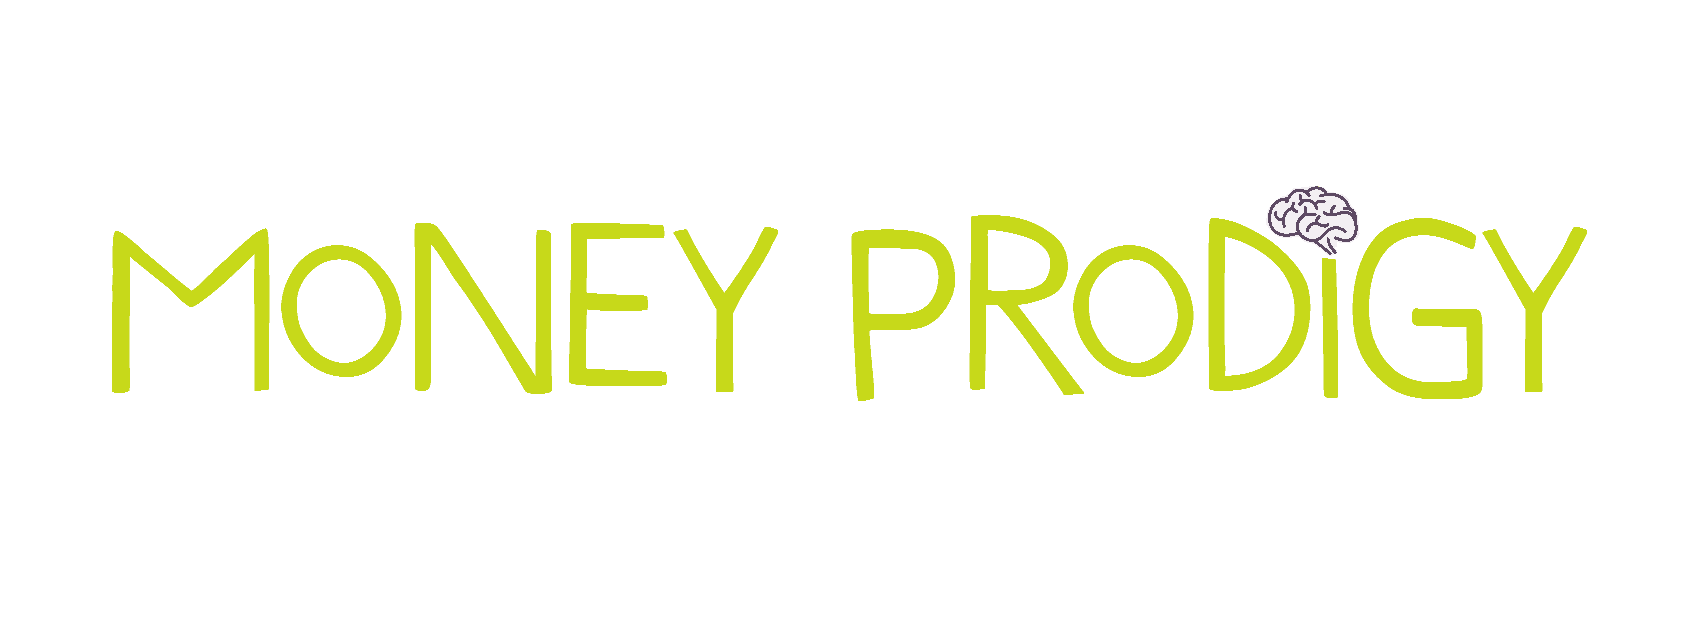 Money Prodigy - Teaching Kids about Money